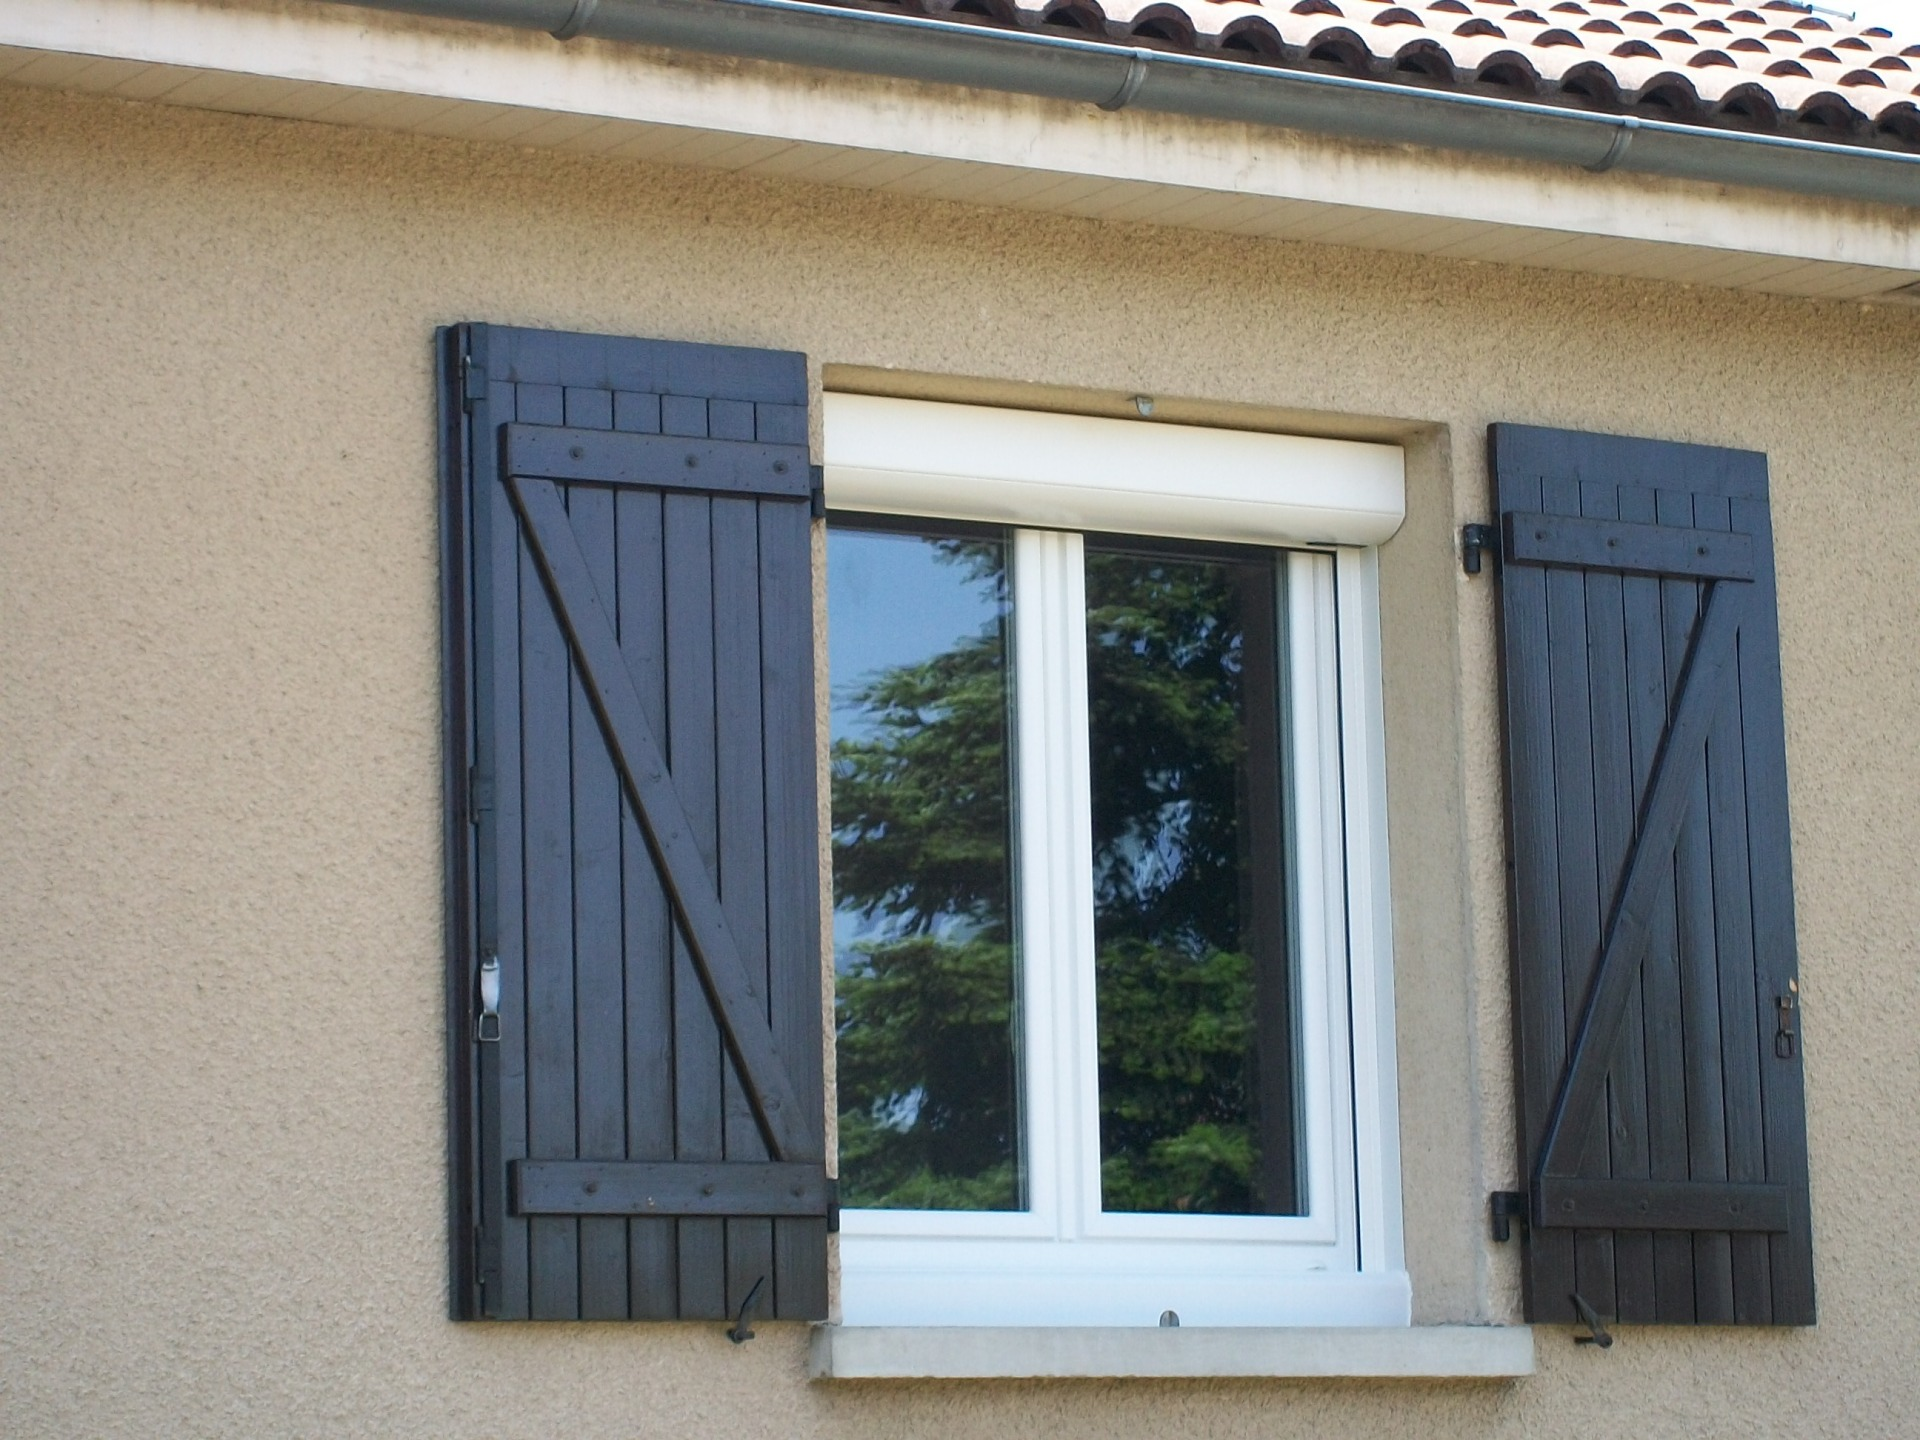 Pose de fenêtres PVC Après travaux